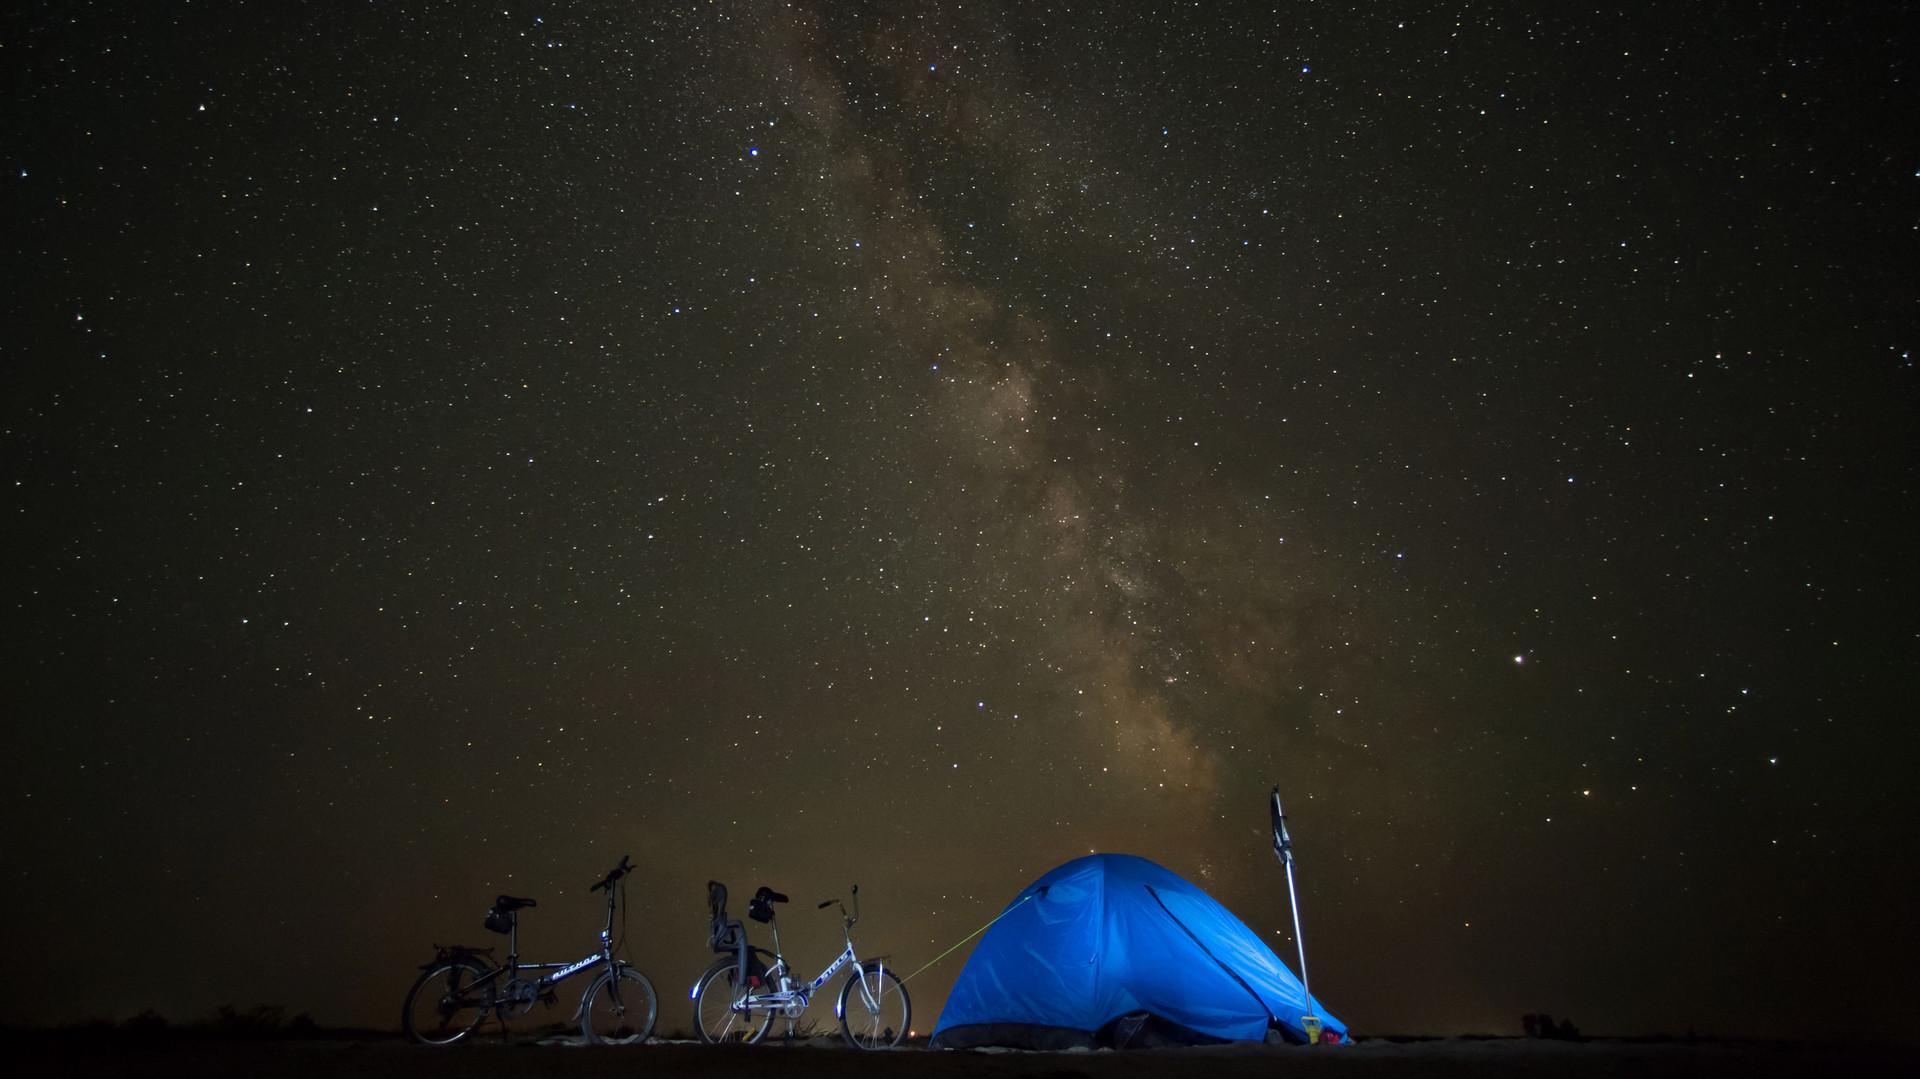 Гости из созвездия Малой Медведицы: жители Земли в ожидании сильного звездопада